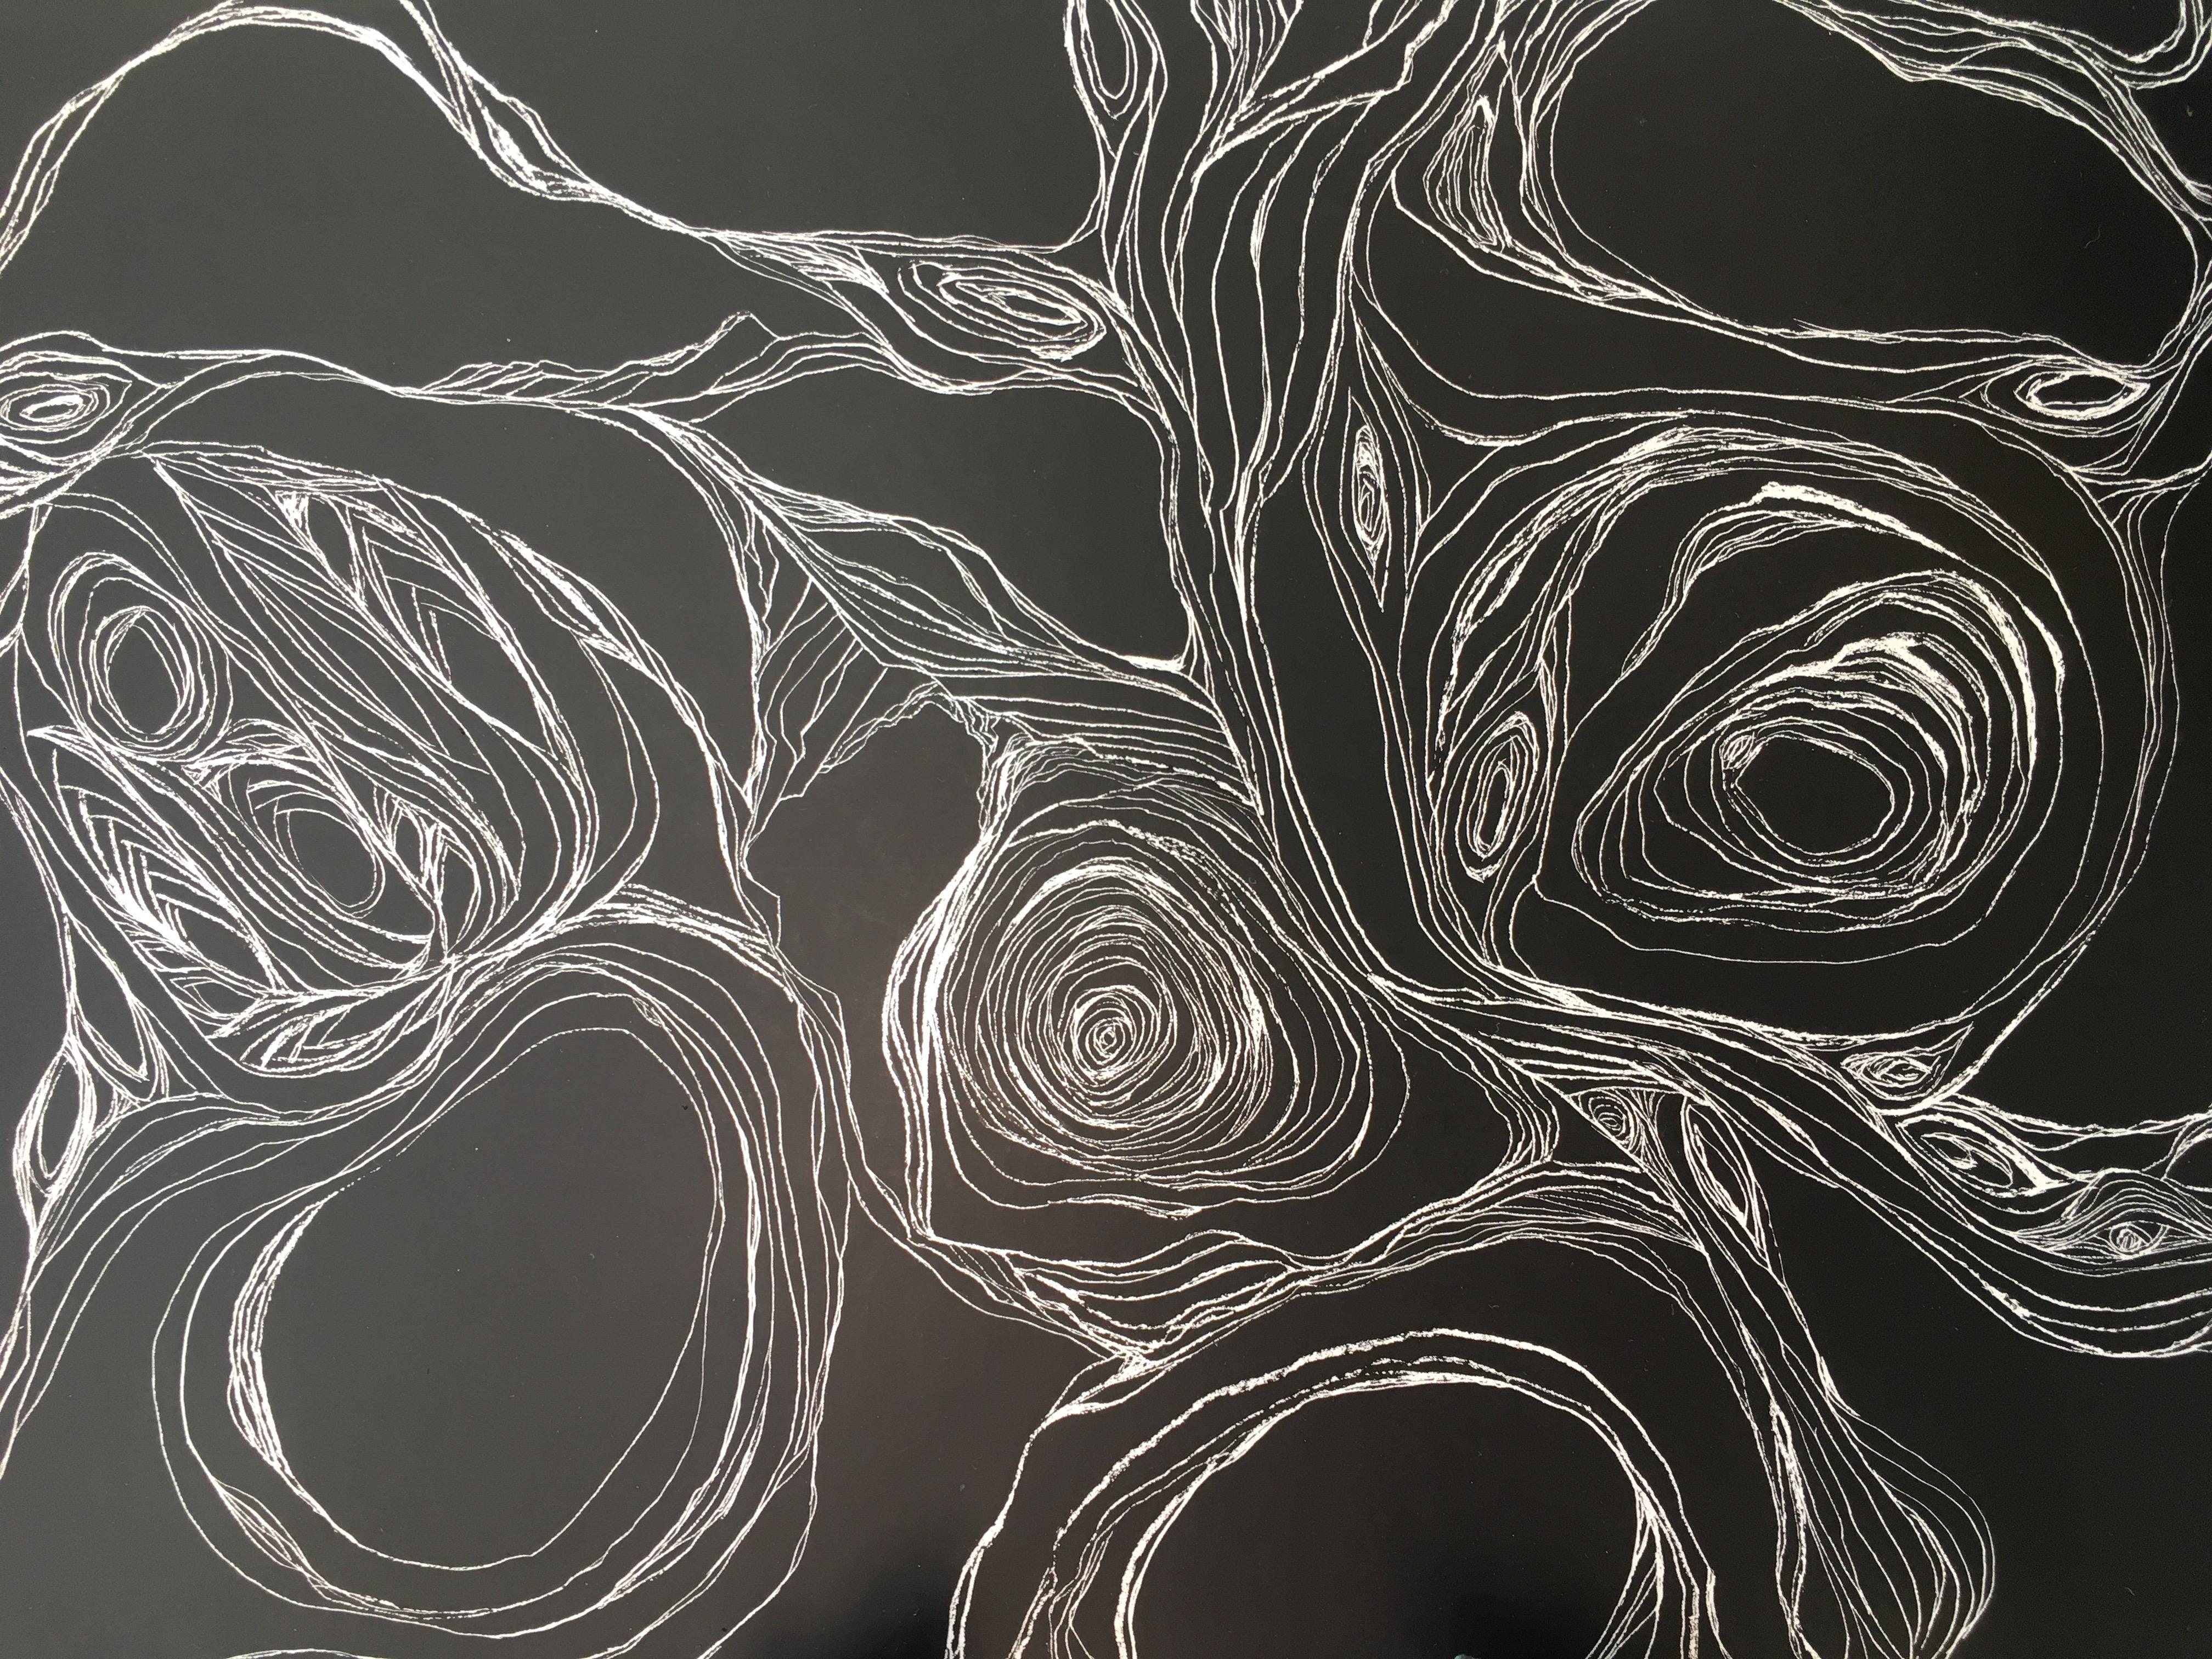 scratch board drawing: Ashen Bloom